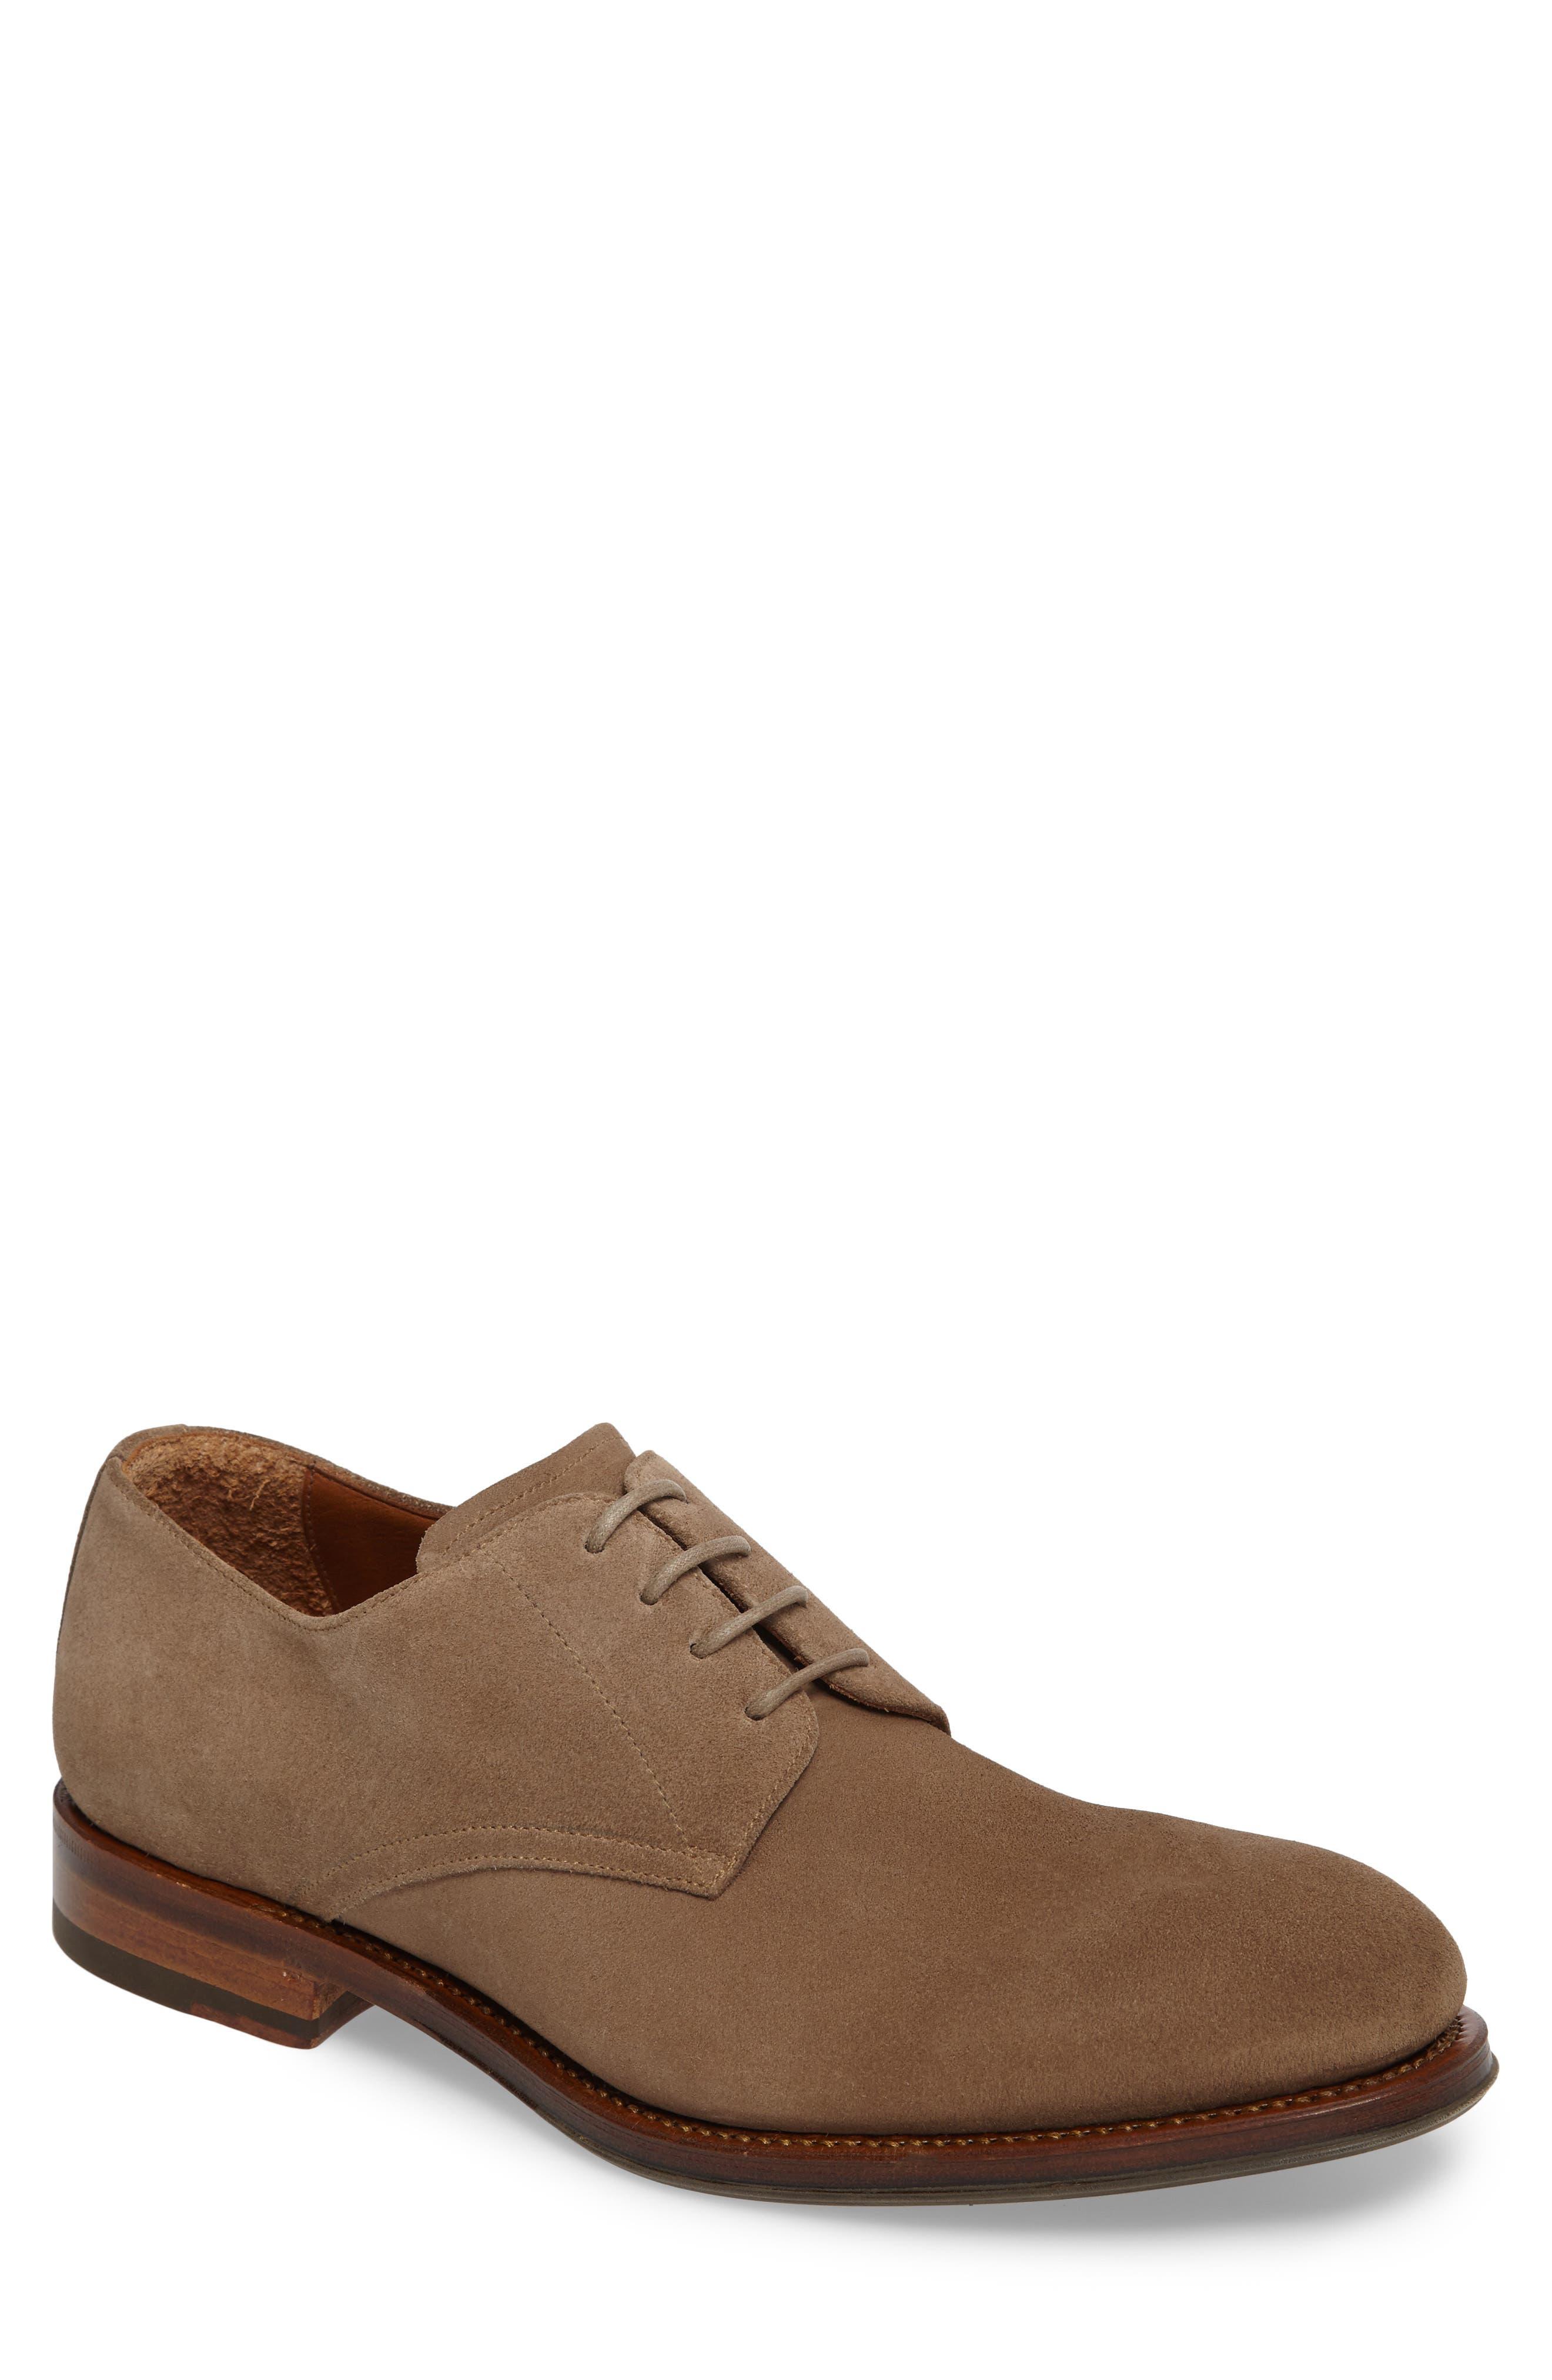 'Vance' Plain Toe Derby,                         Main,                         color, Beige Suede